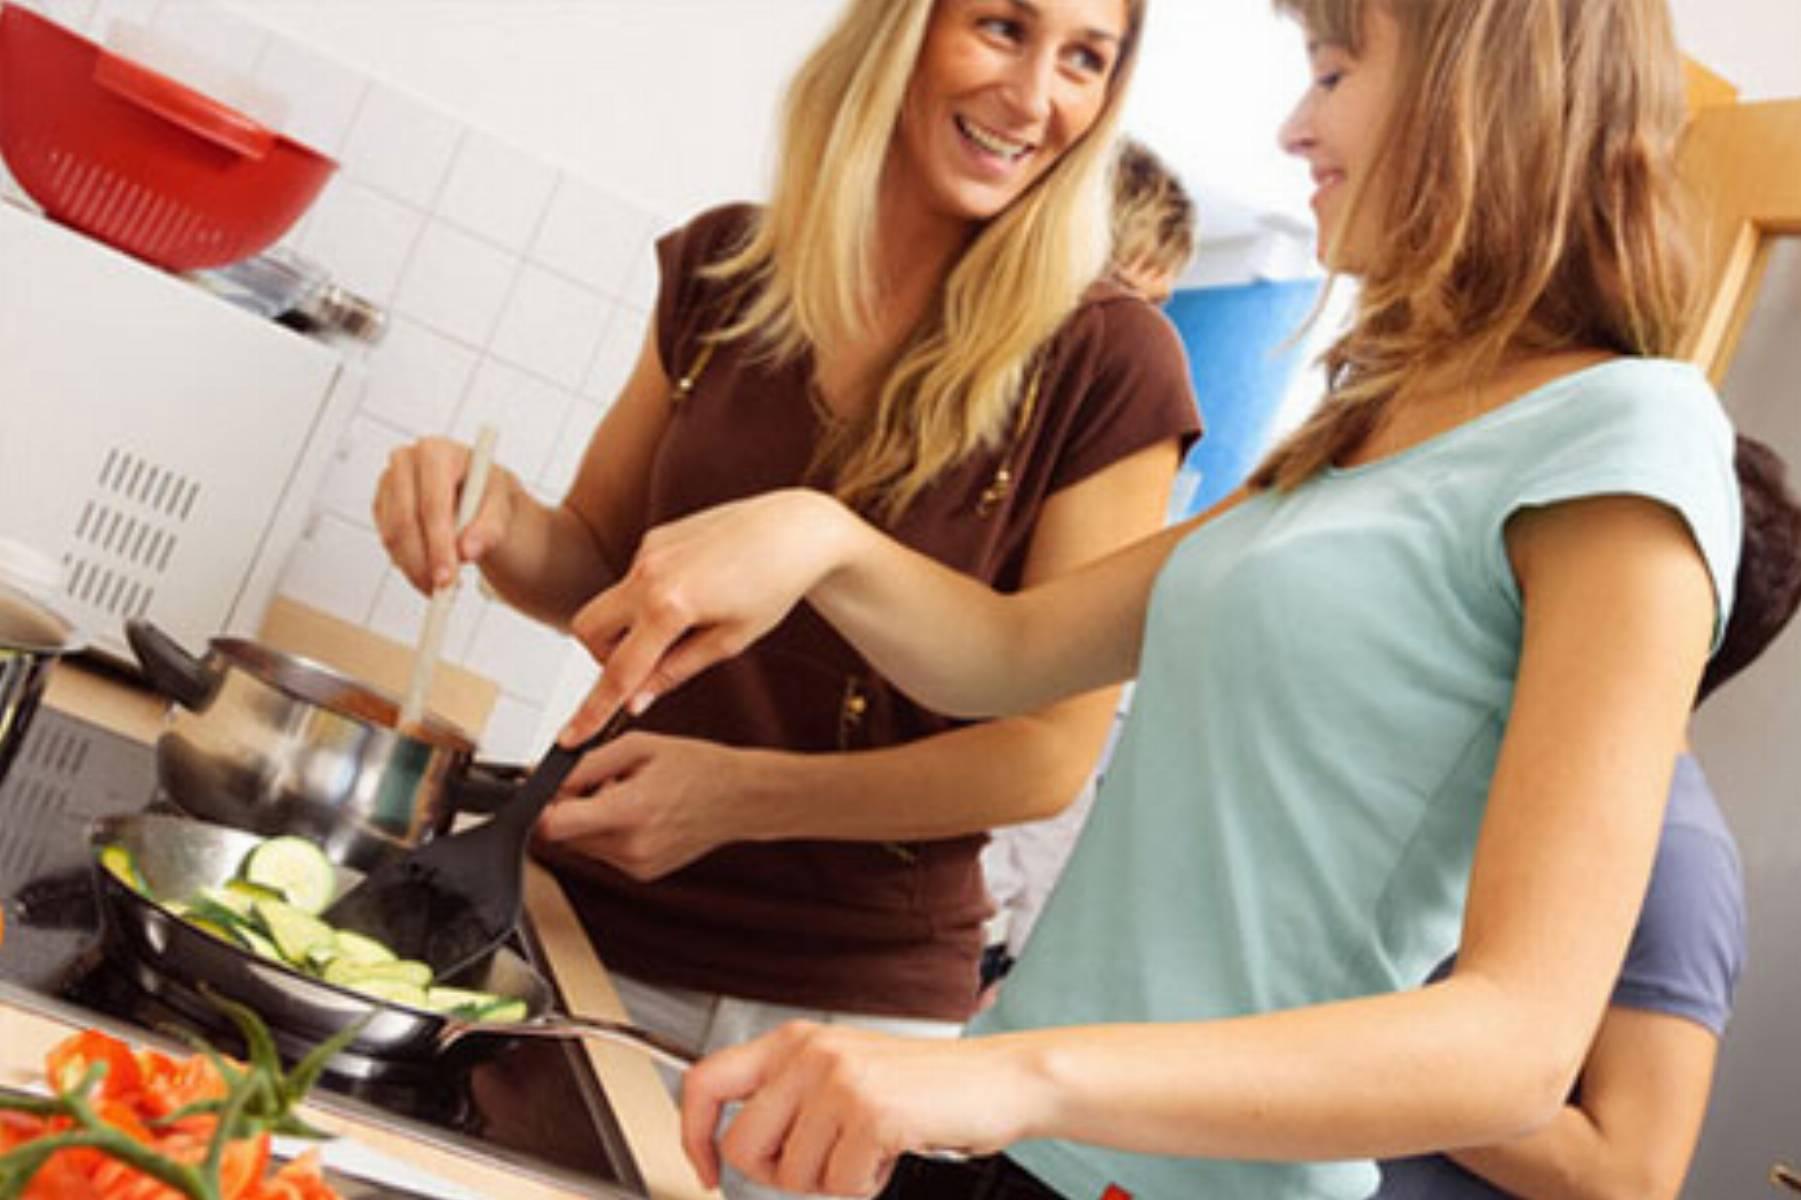 Wspolne gotowanie